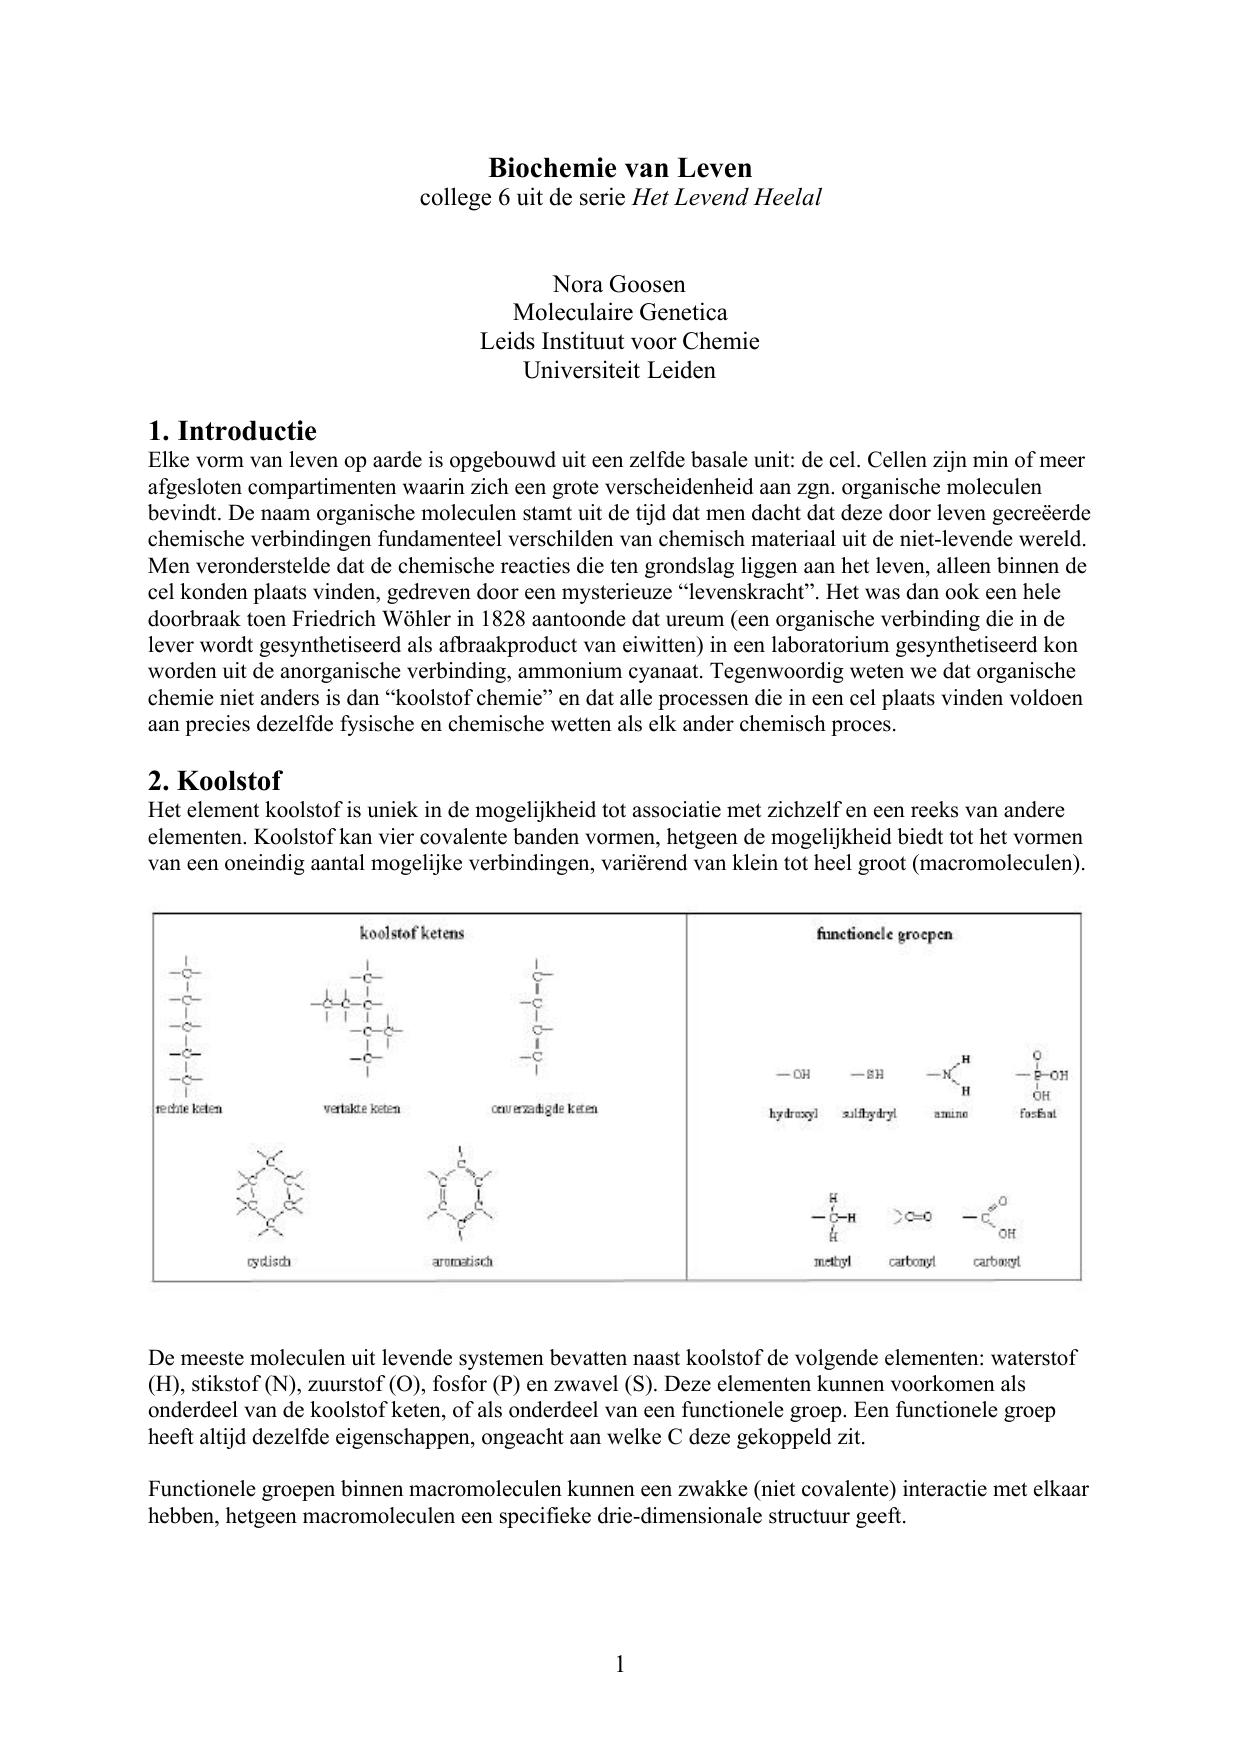 Biochemie Van Leven 1 Introductie 2 Koolstof